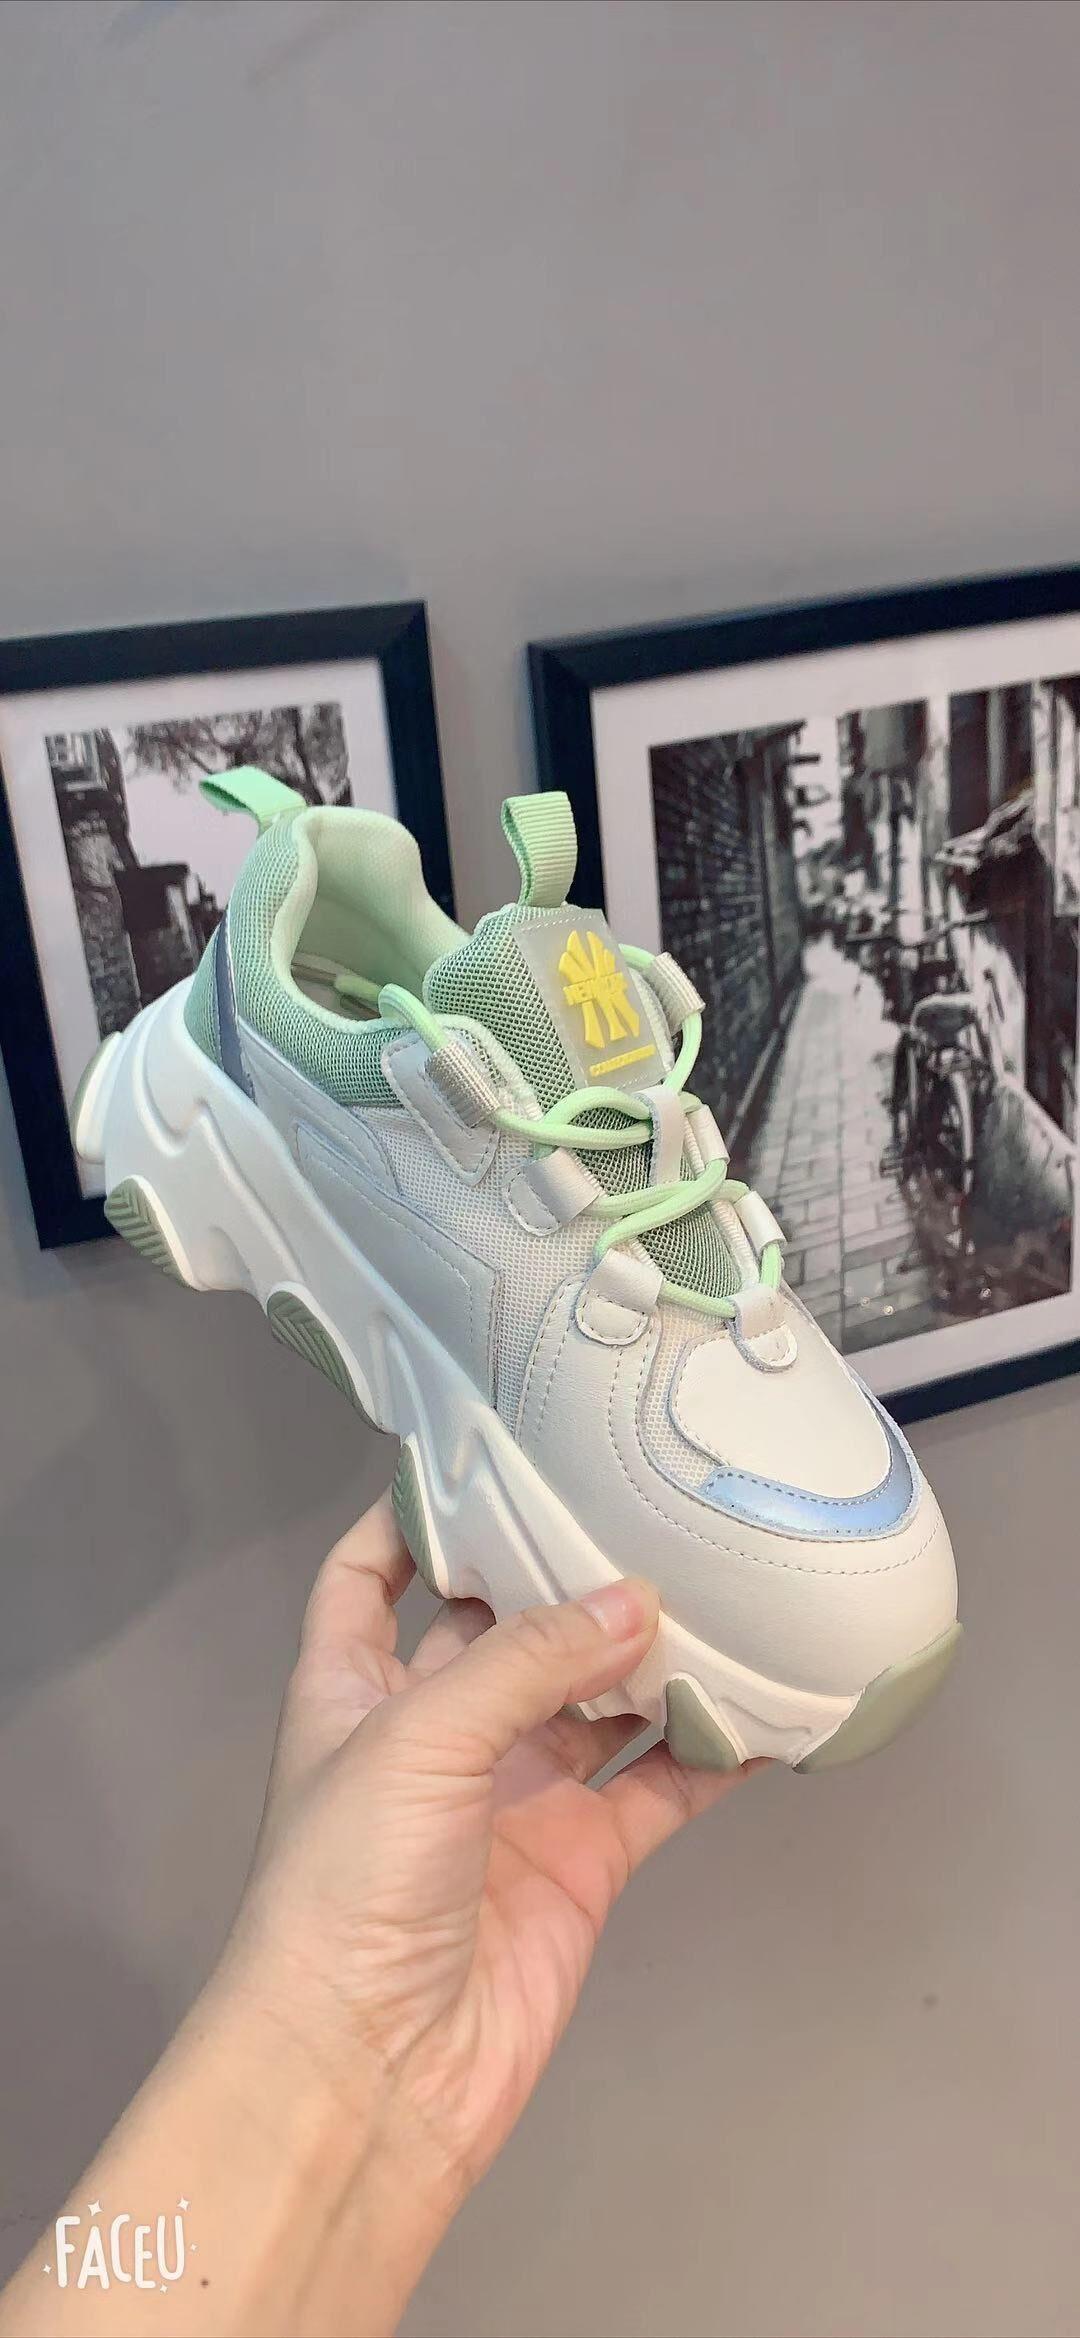 2020年春款定制款头层牛皮老爹鞋拼色绿色青春活力女鞋